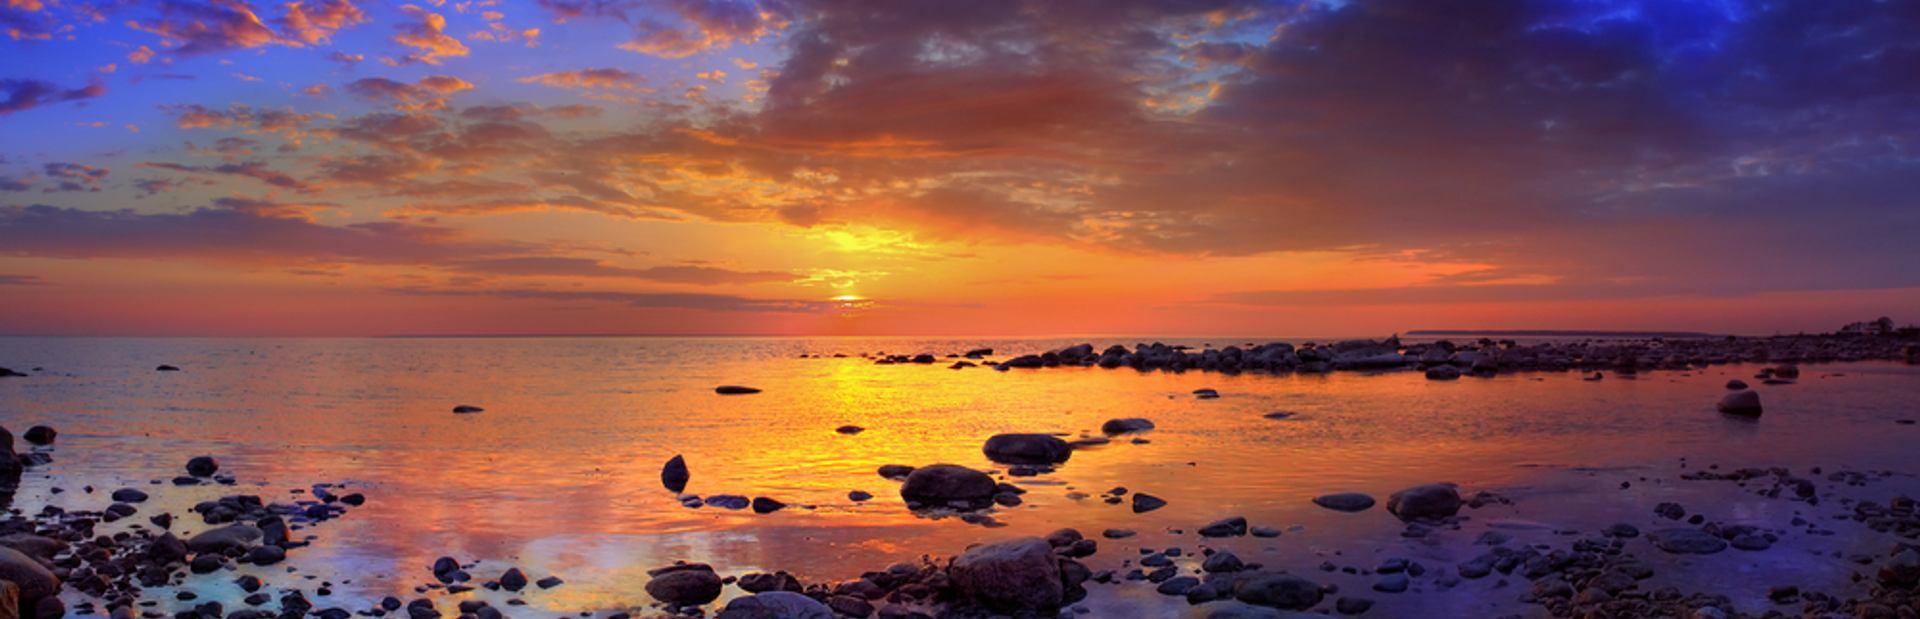 Baltic Sea Region guide